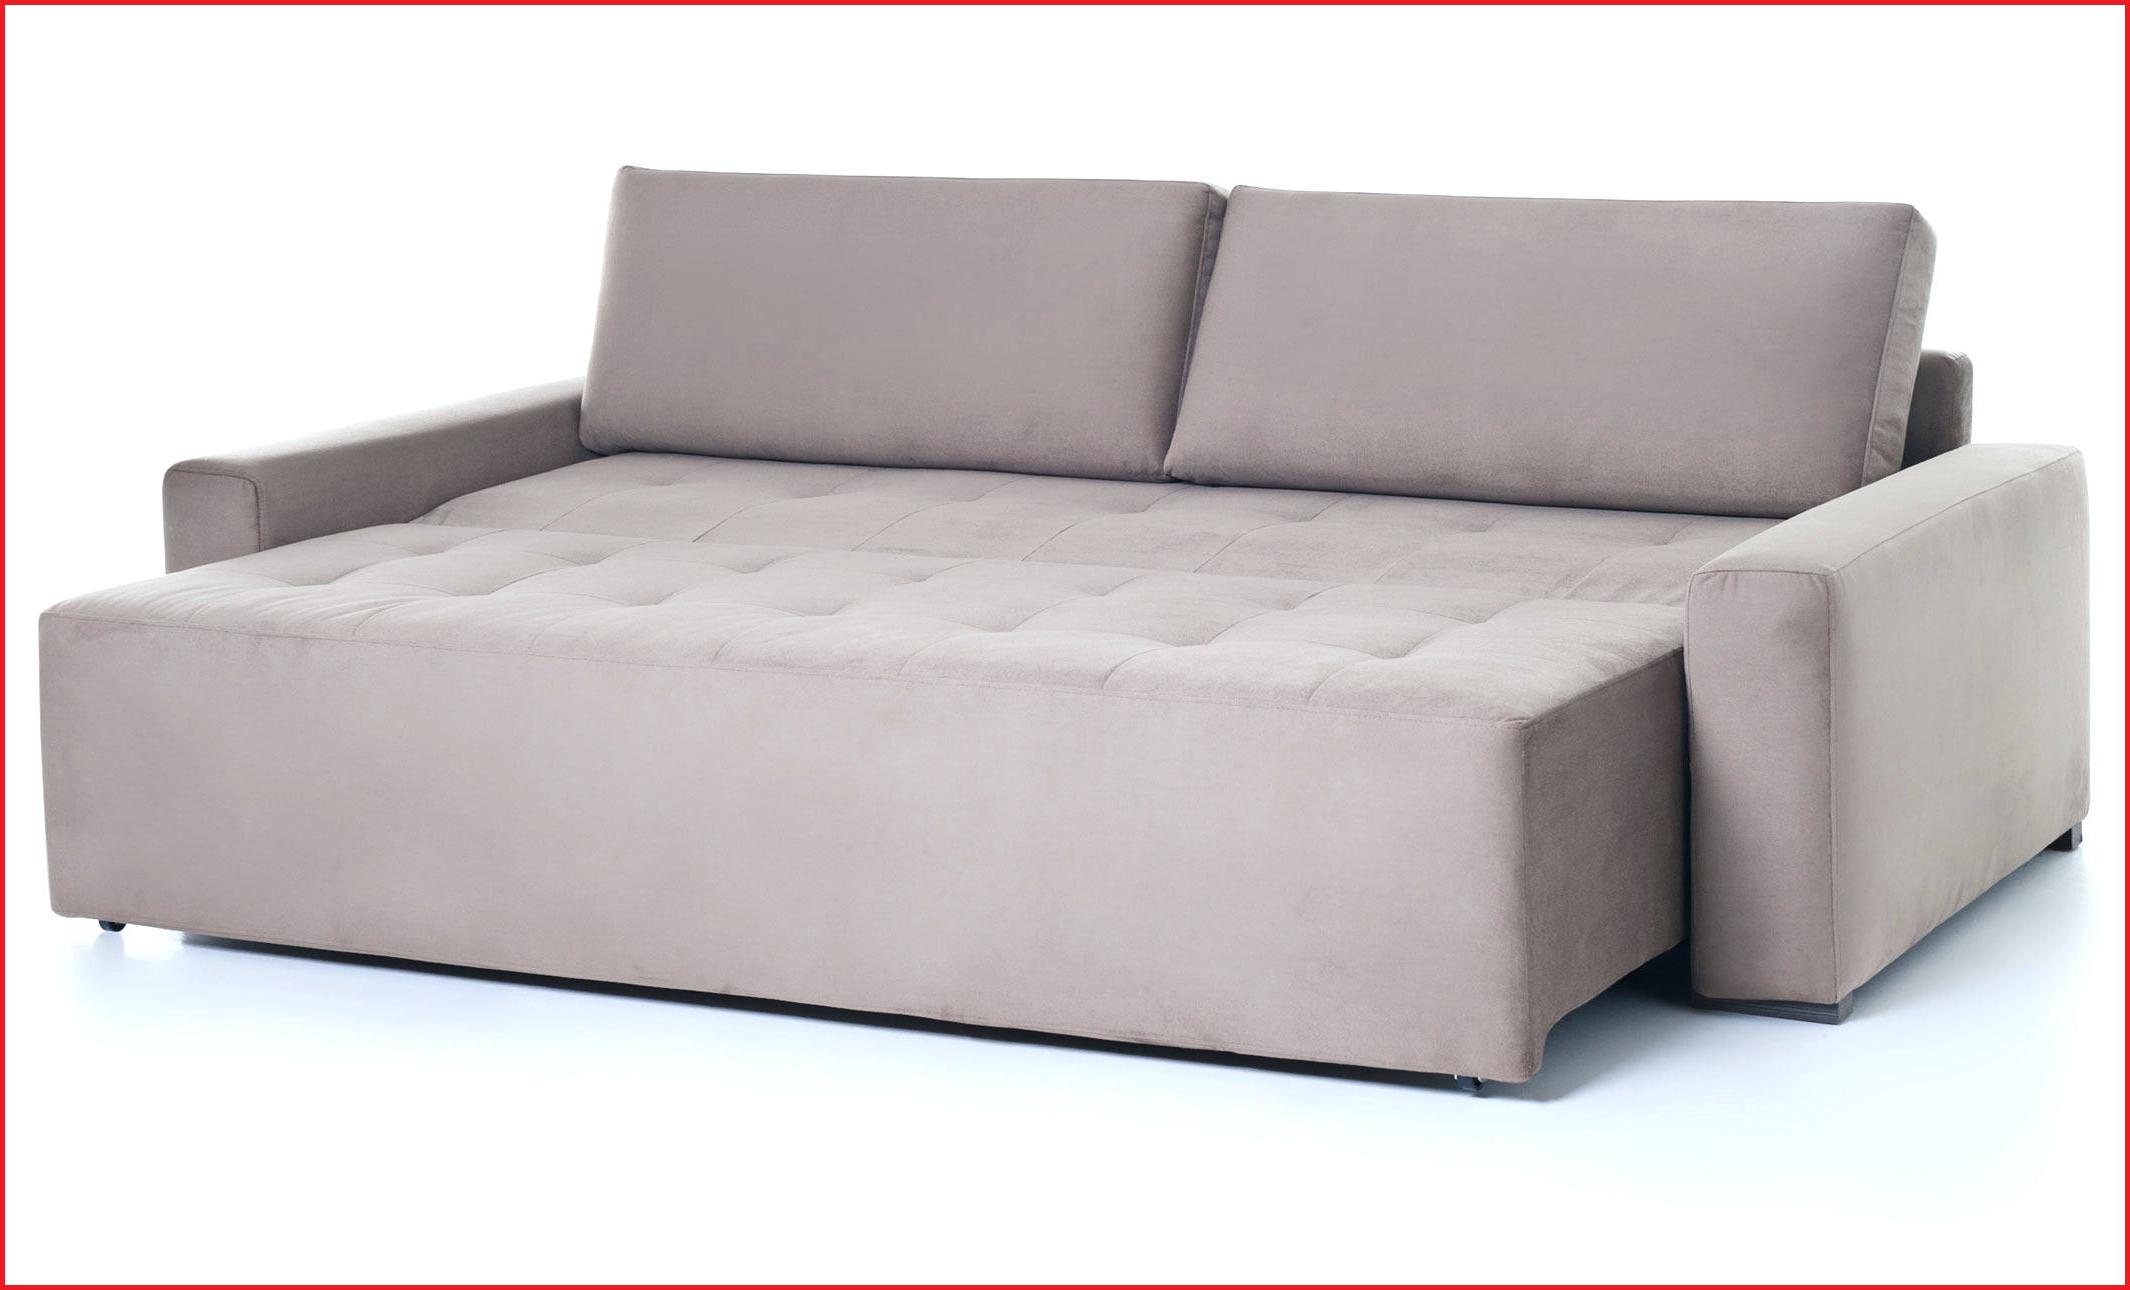 Conforama sofas Cheslong Nkde Conforama sofas Cama 945 sofa Design Chaise Longue S Piel Lounge